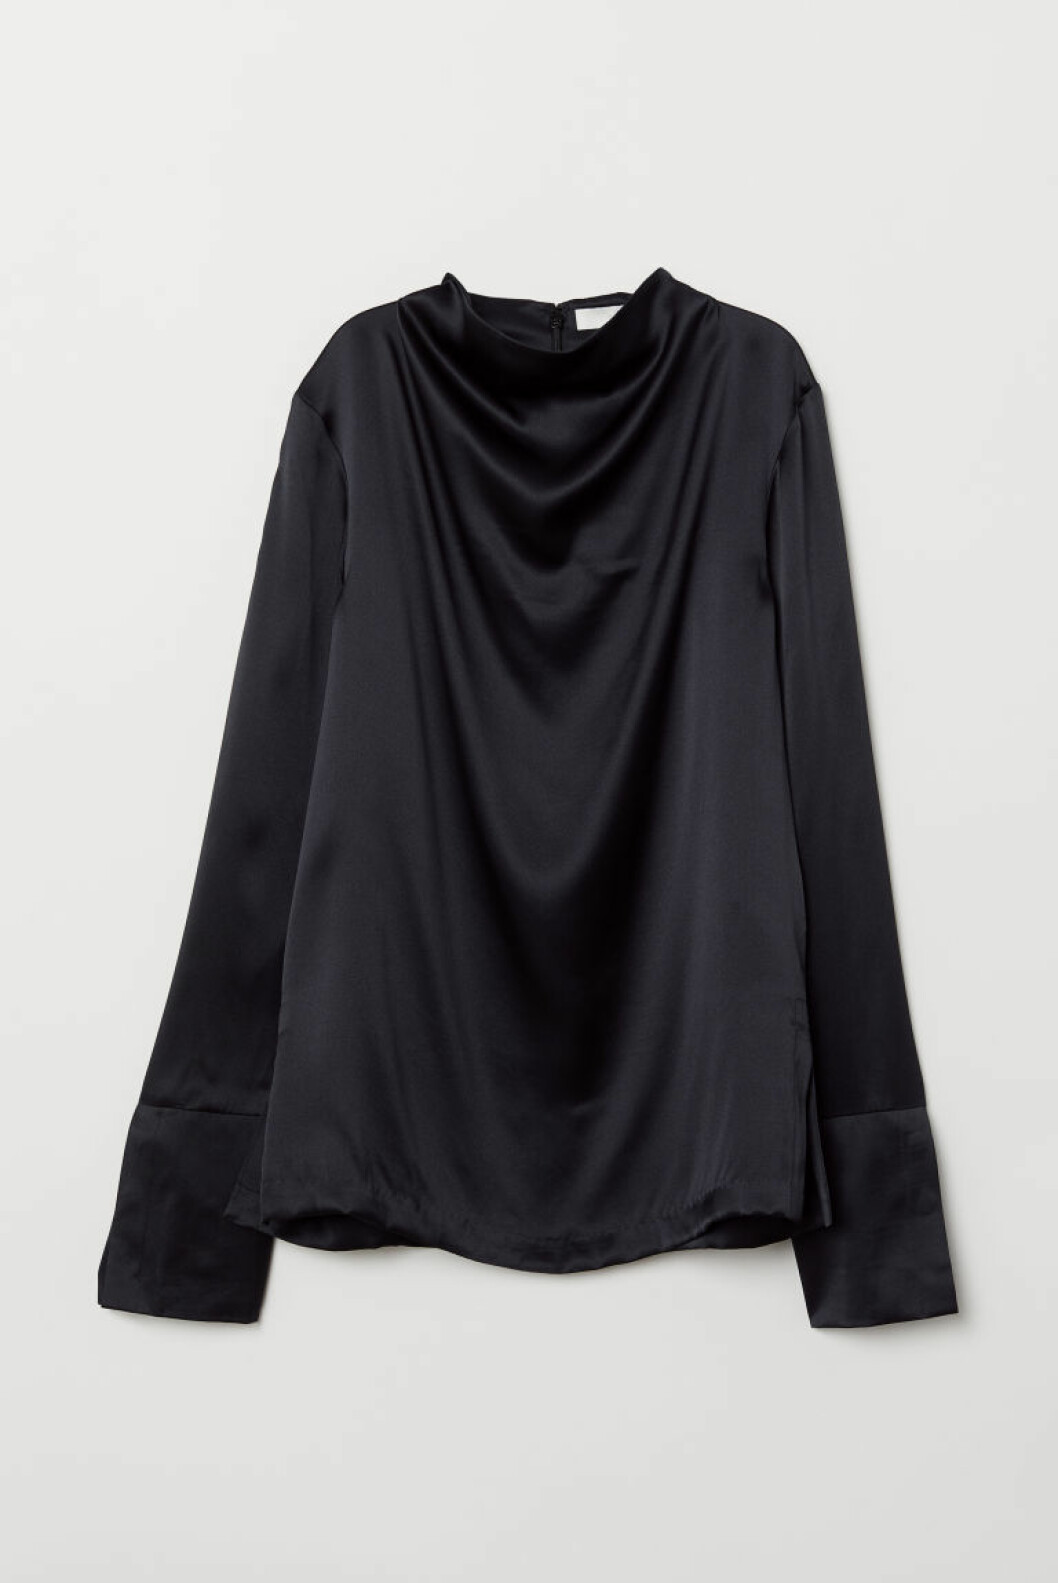 Silketopp fra H&M |1000,-| https://www2.hm.com/no_no/productpage.0699266002.html